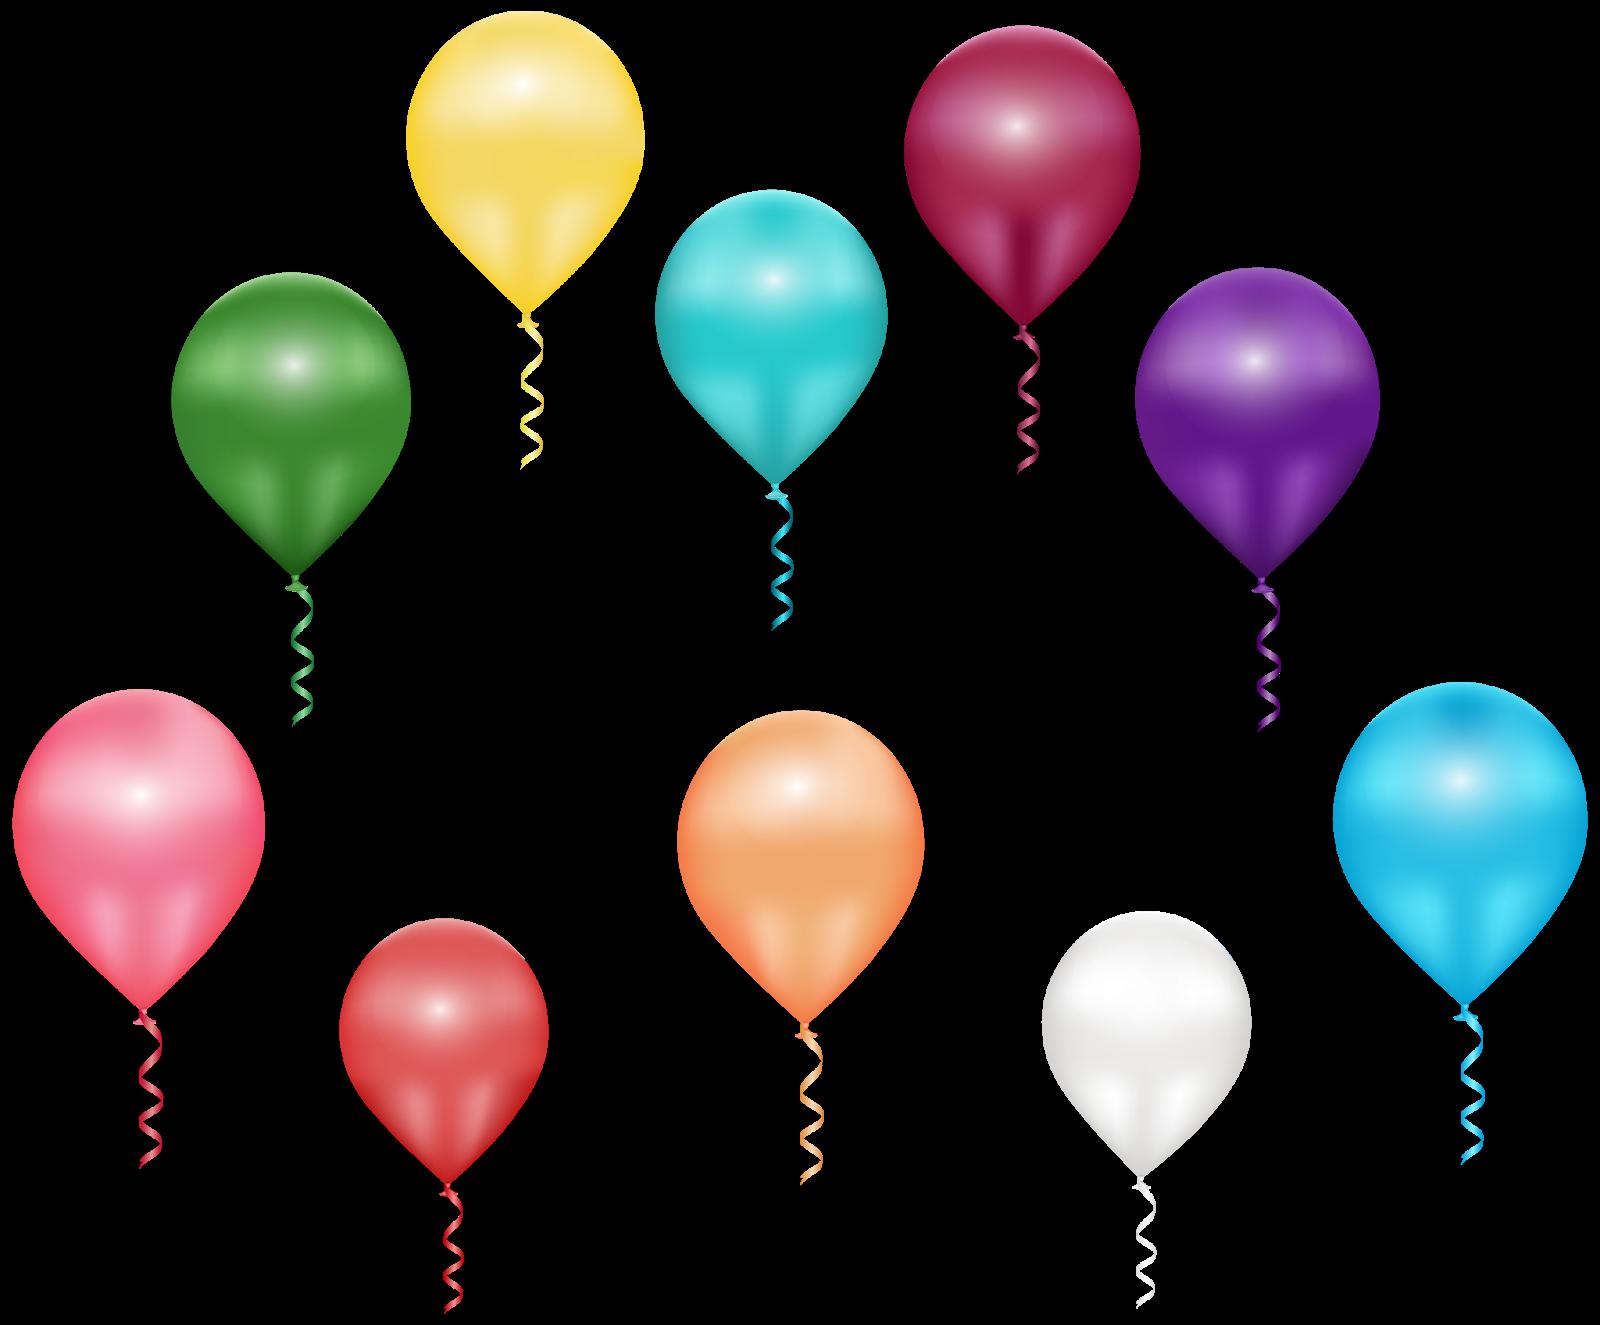 Картинки воздушные шарики красивые на прозрачном фоне